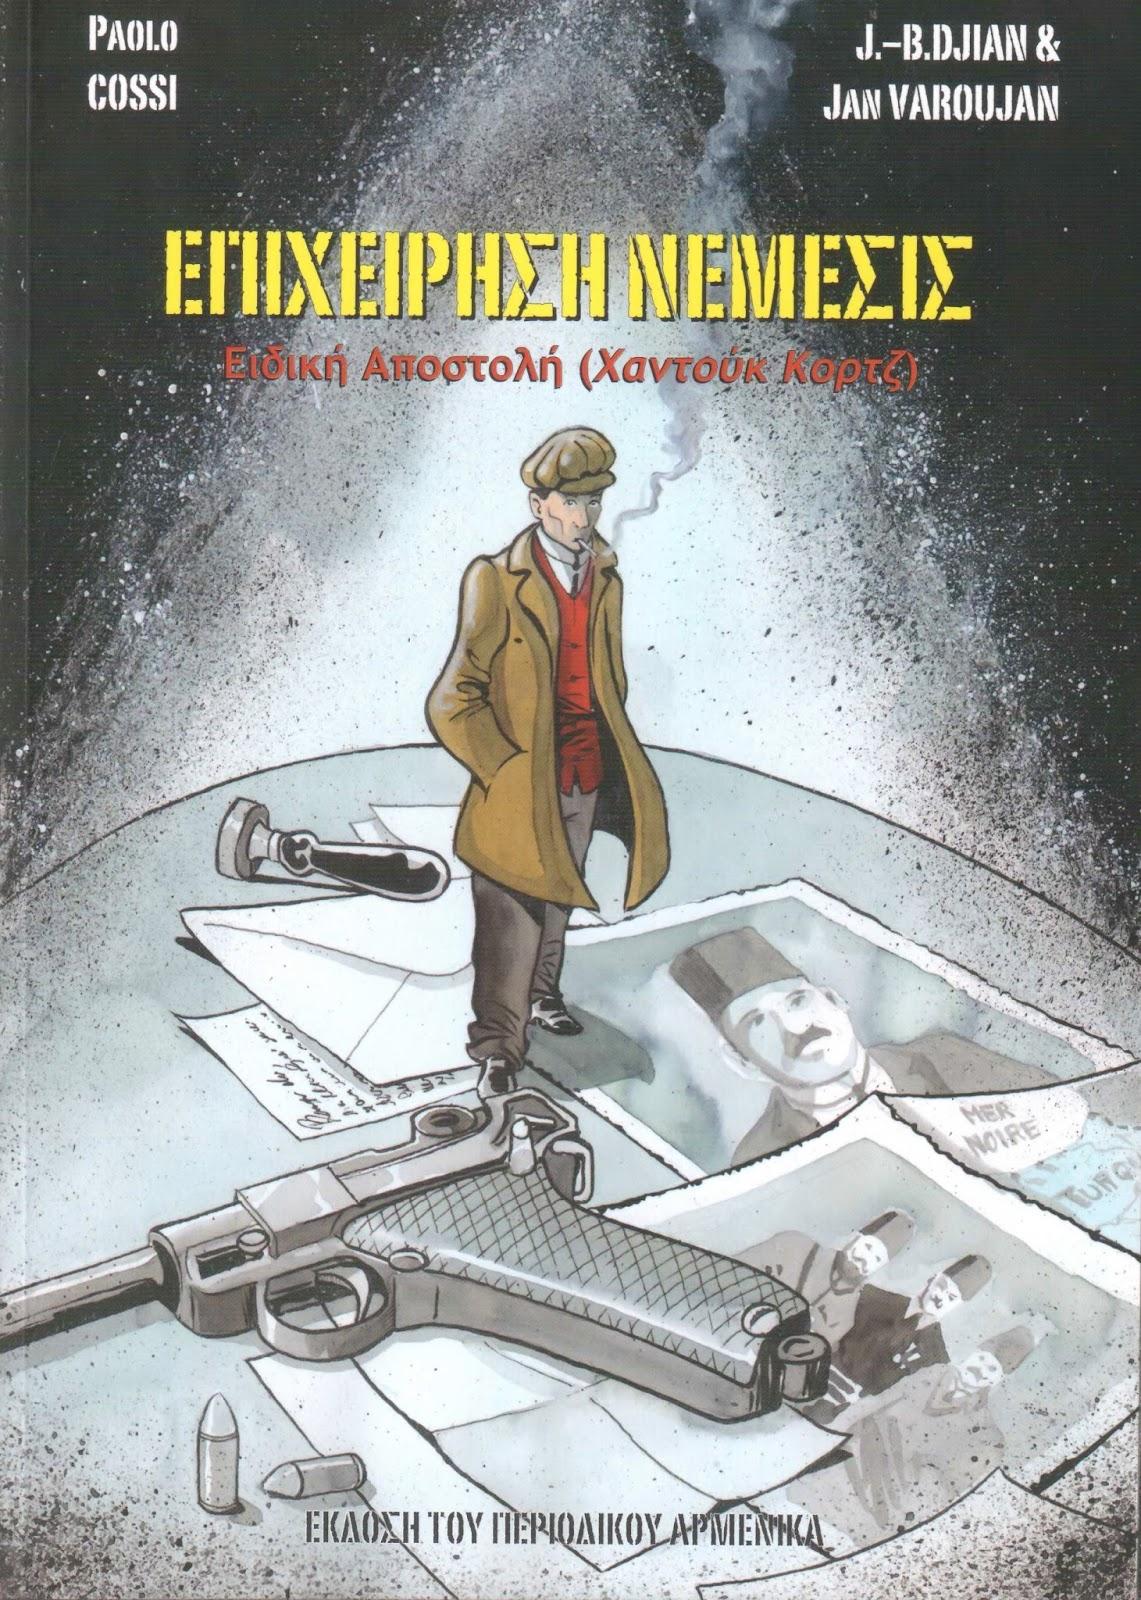 Βιβλια Αρμενικου Ενδιαφεροντος: ΕΠΙΧΕΙΡΗΣΗ ΝΕΜΕΣΙΣ - Ειδική ...